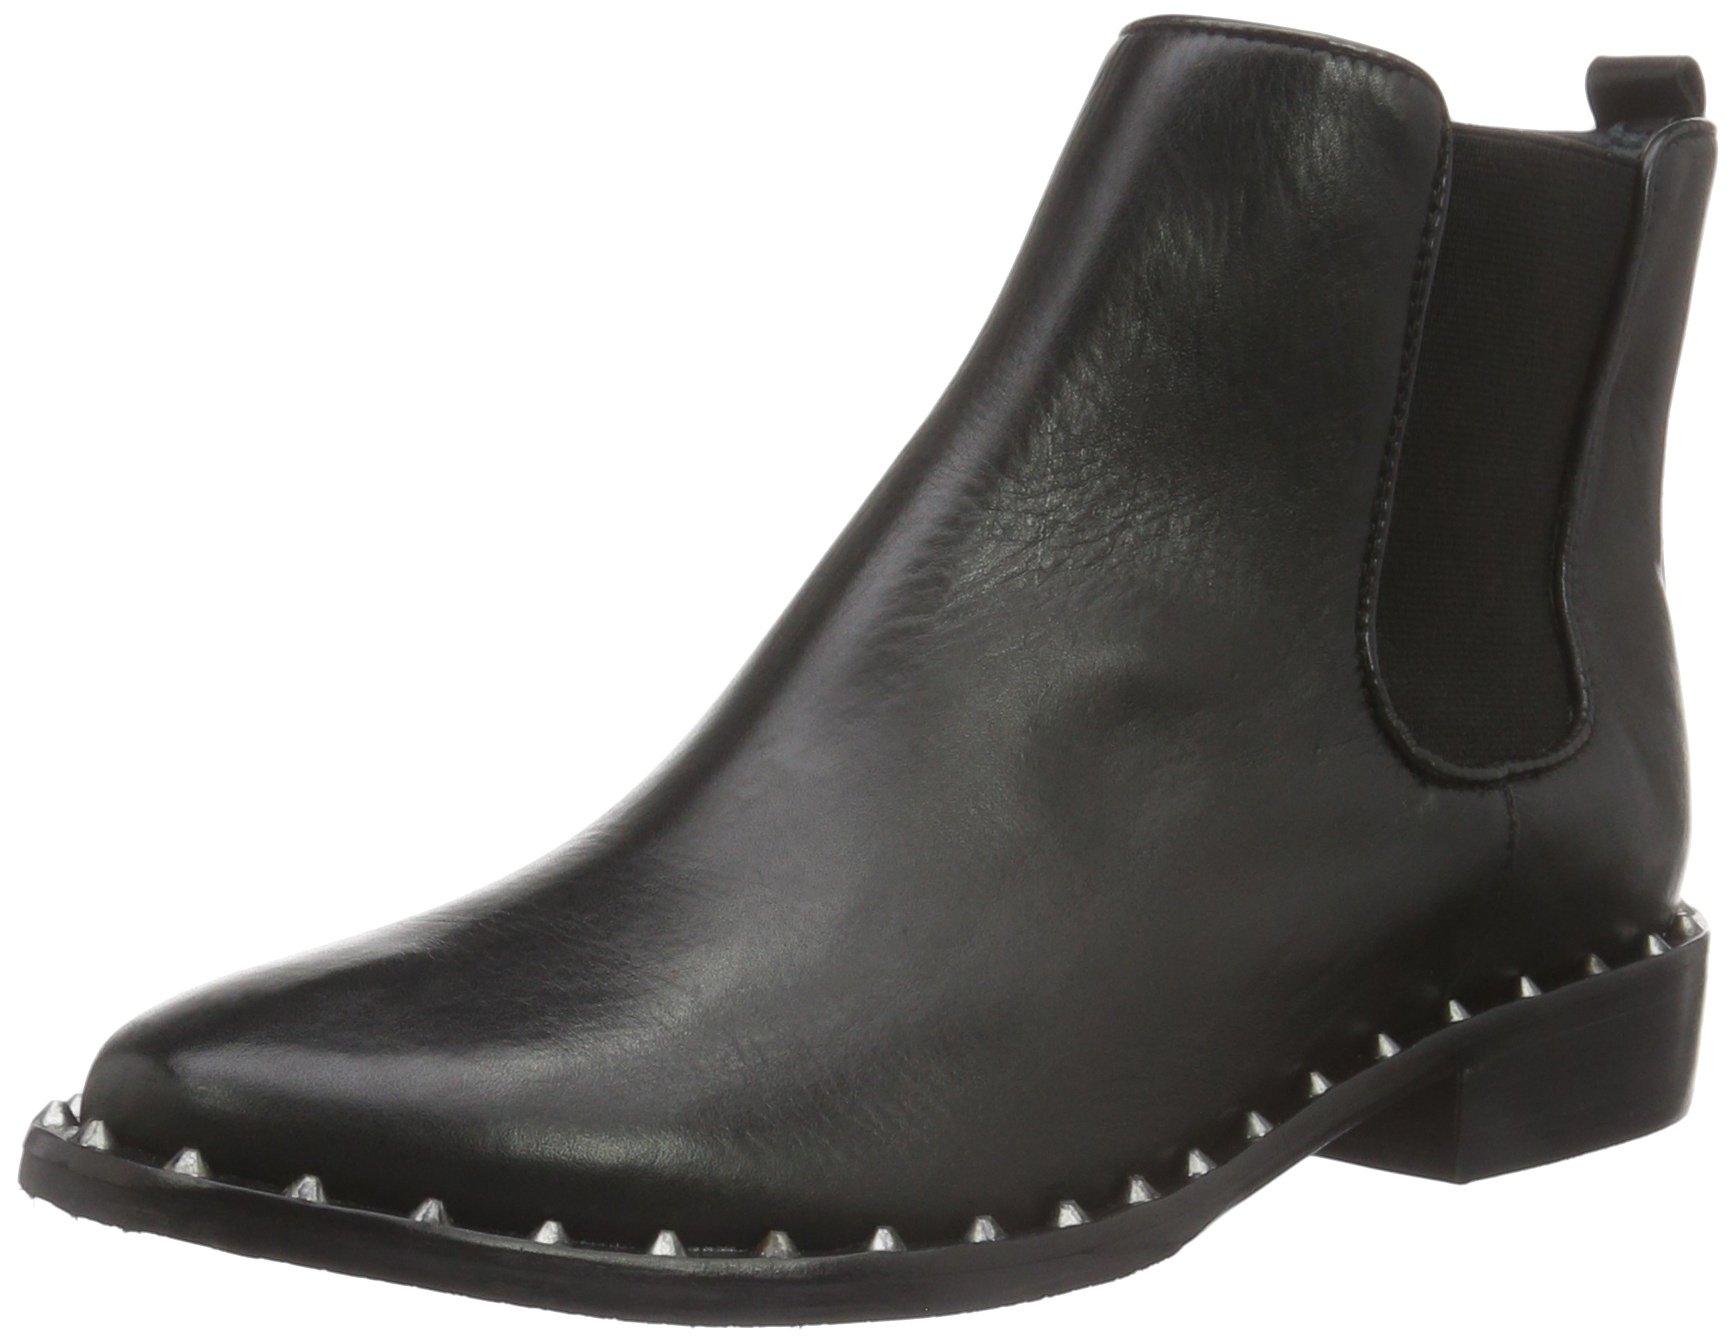 Chic Boot, Bottes Courtes Chelsea Femme - Noir - Noir, 38